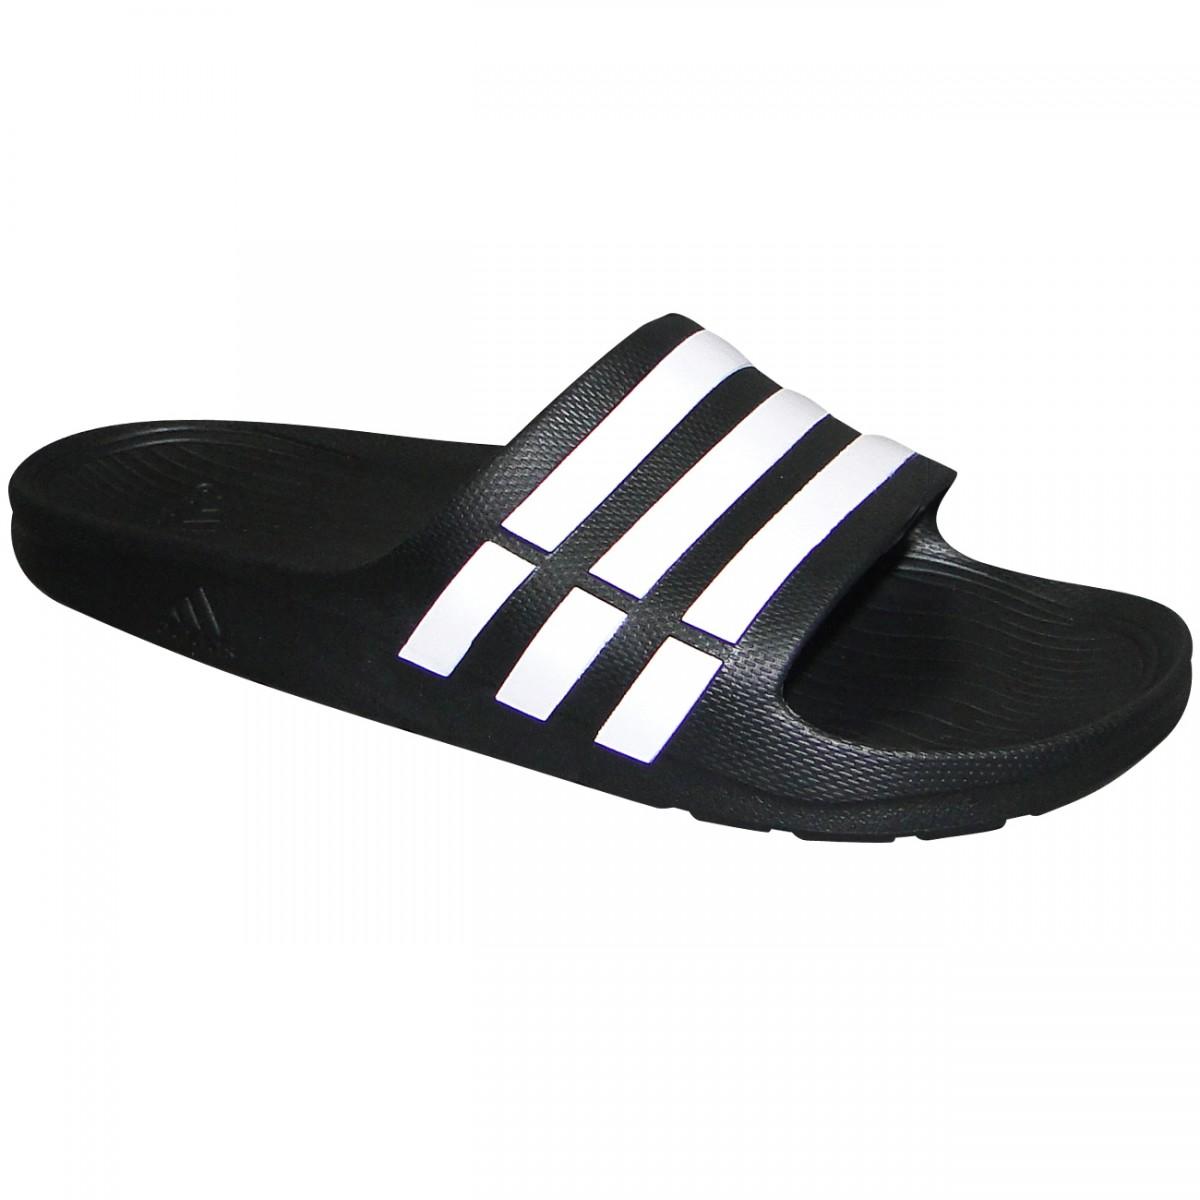 41cb29d25 Chinelo Adidas Duramo Slide G15890 - Preto Branco - Chuteira Nike ...